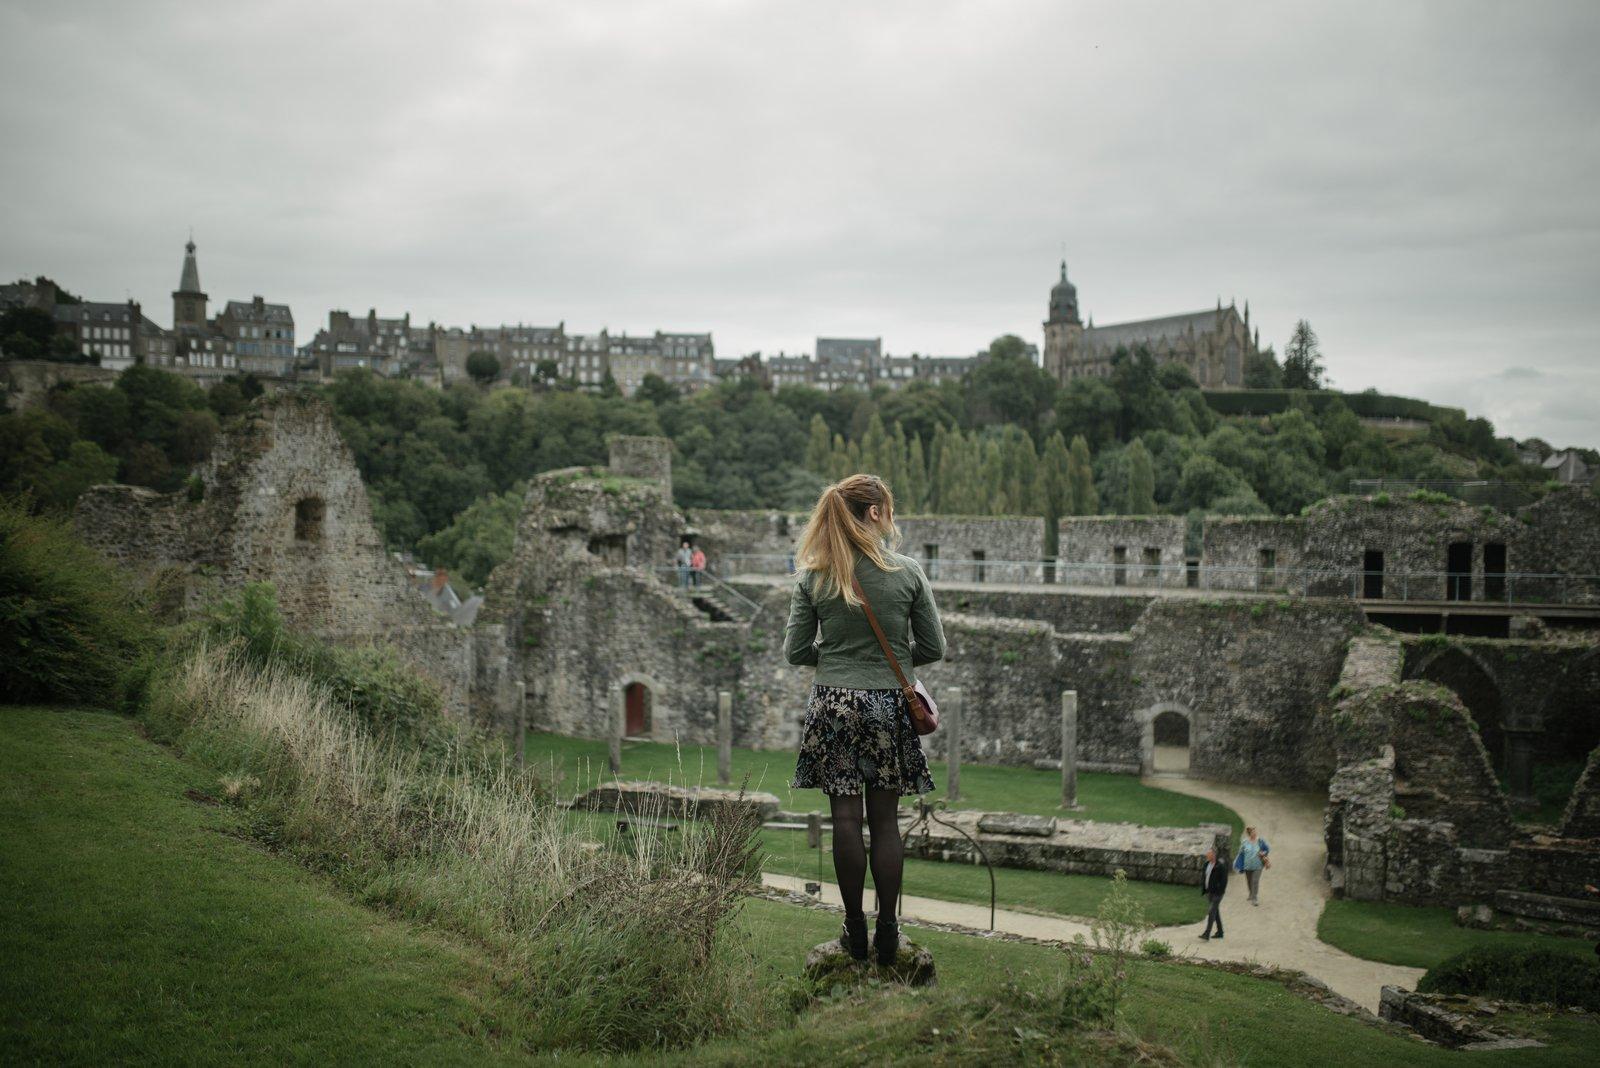 Visiter le château de Fougères Fougères